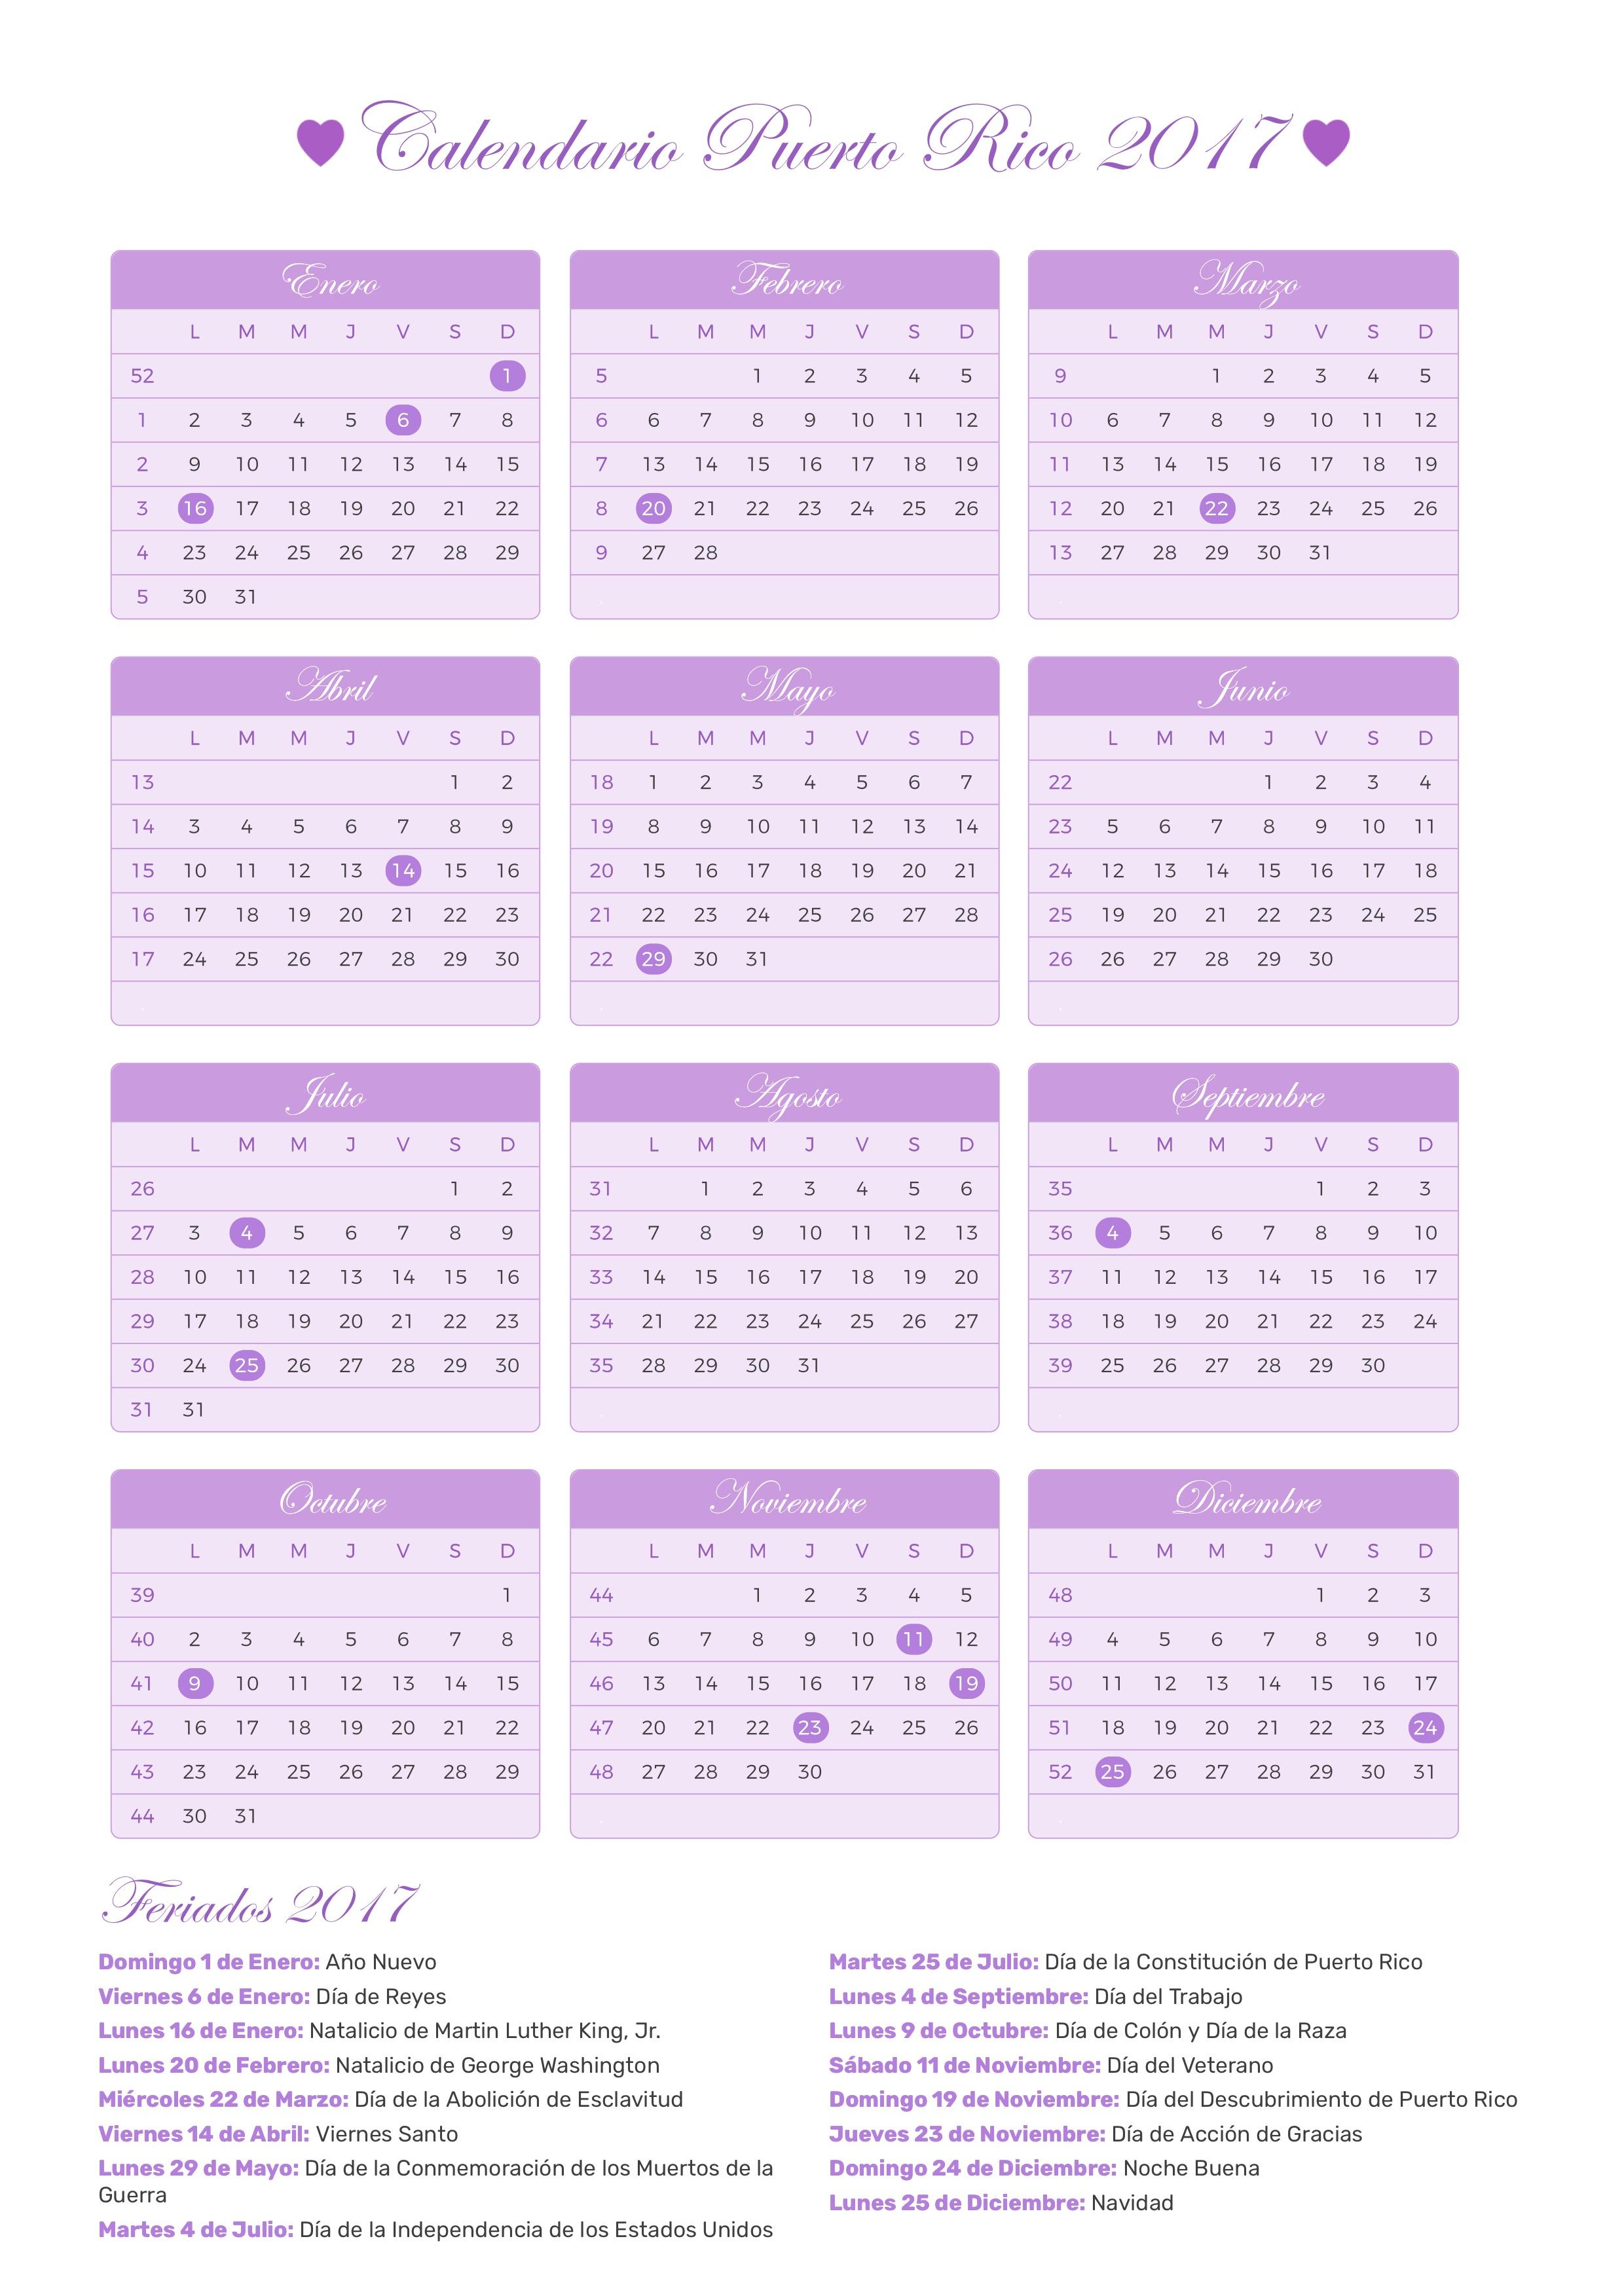 Calendario De Puerto Rico Año 2017 Feriados Días Festivos